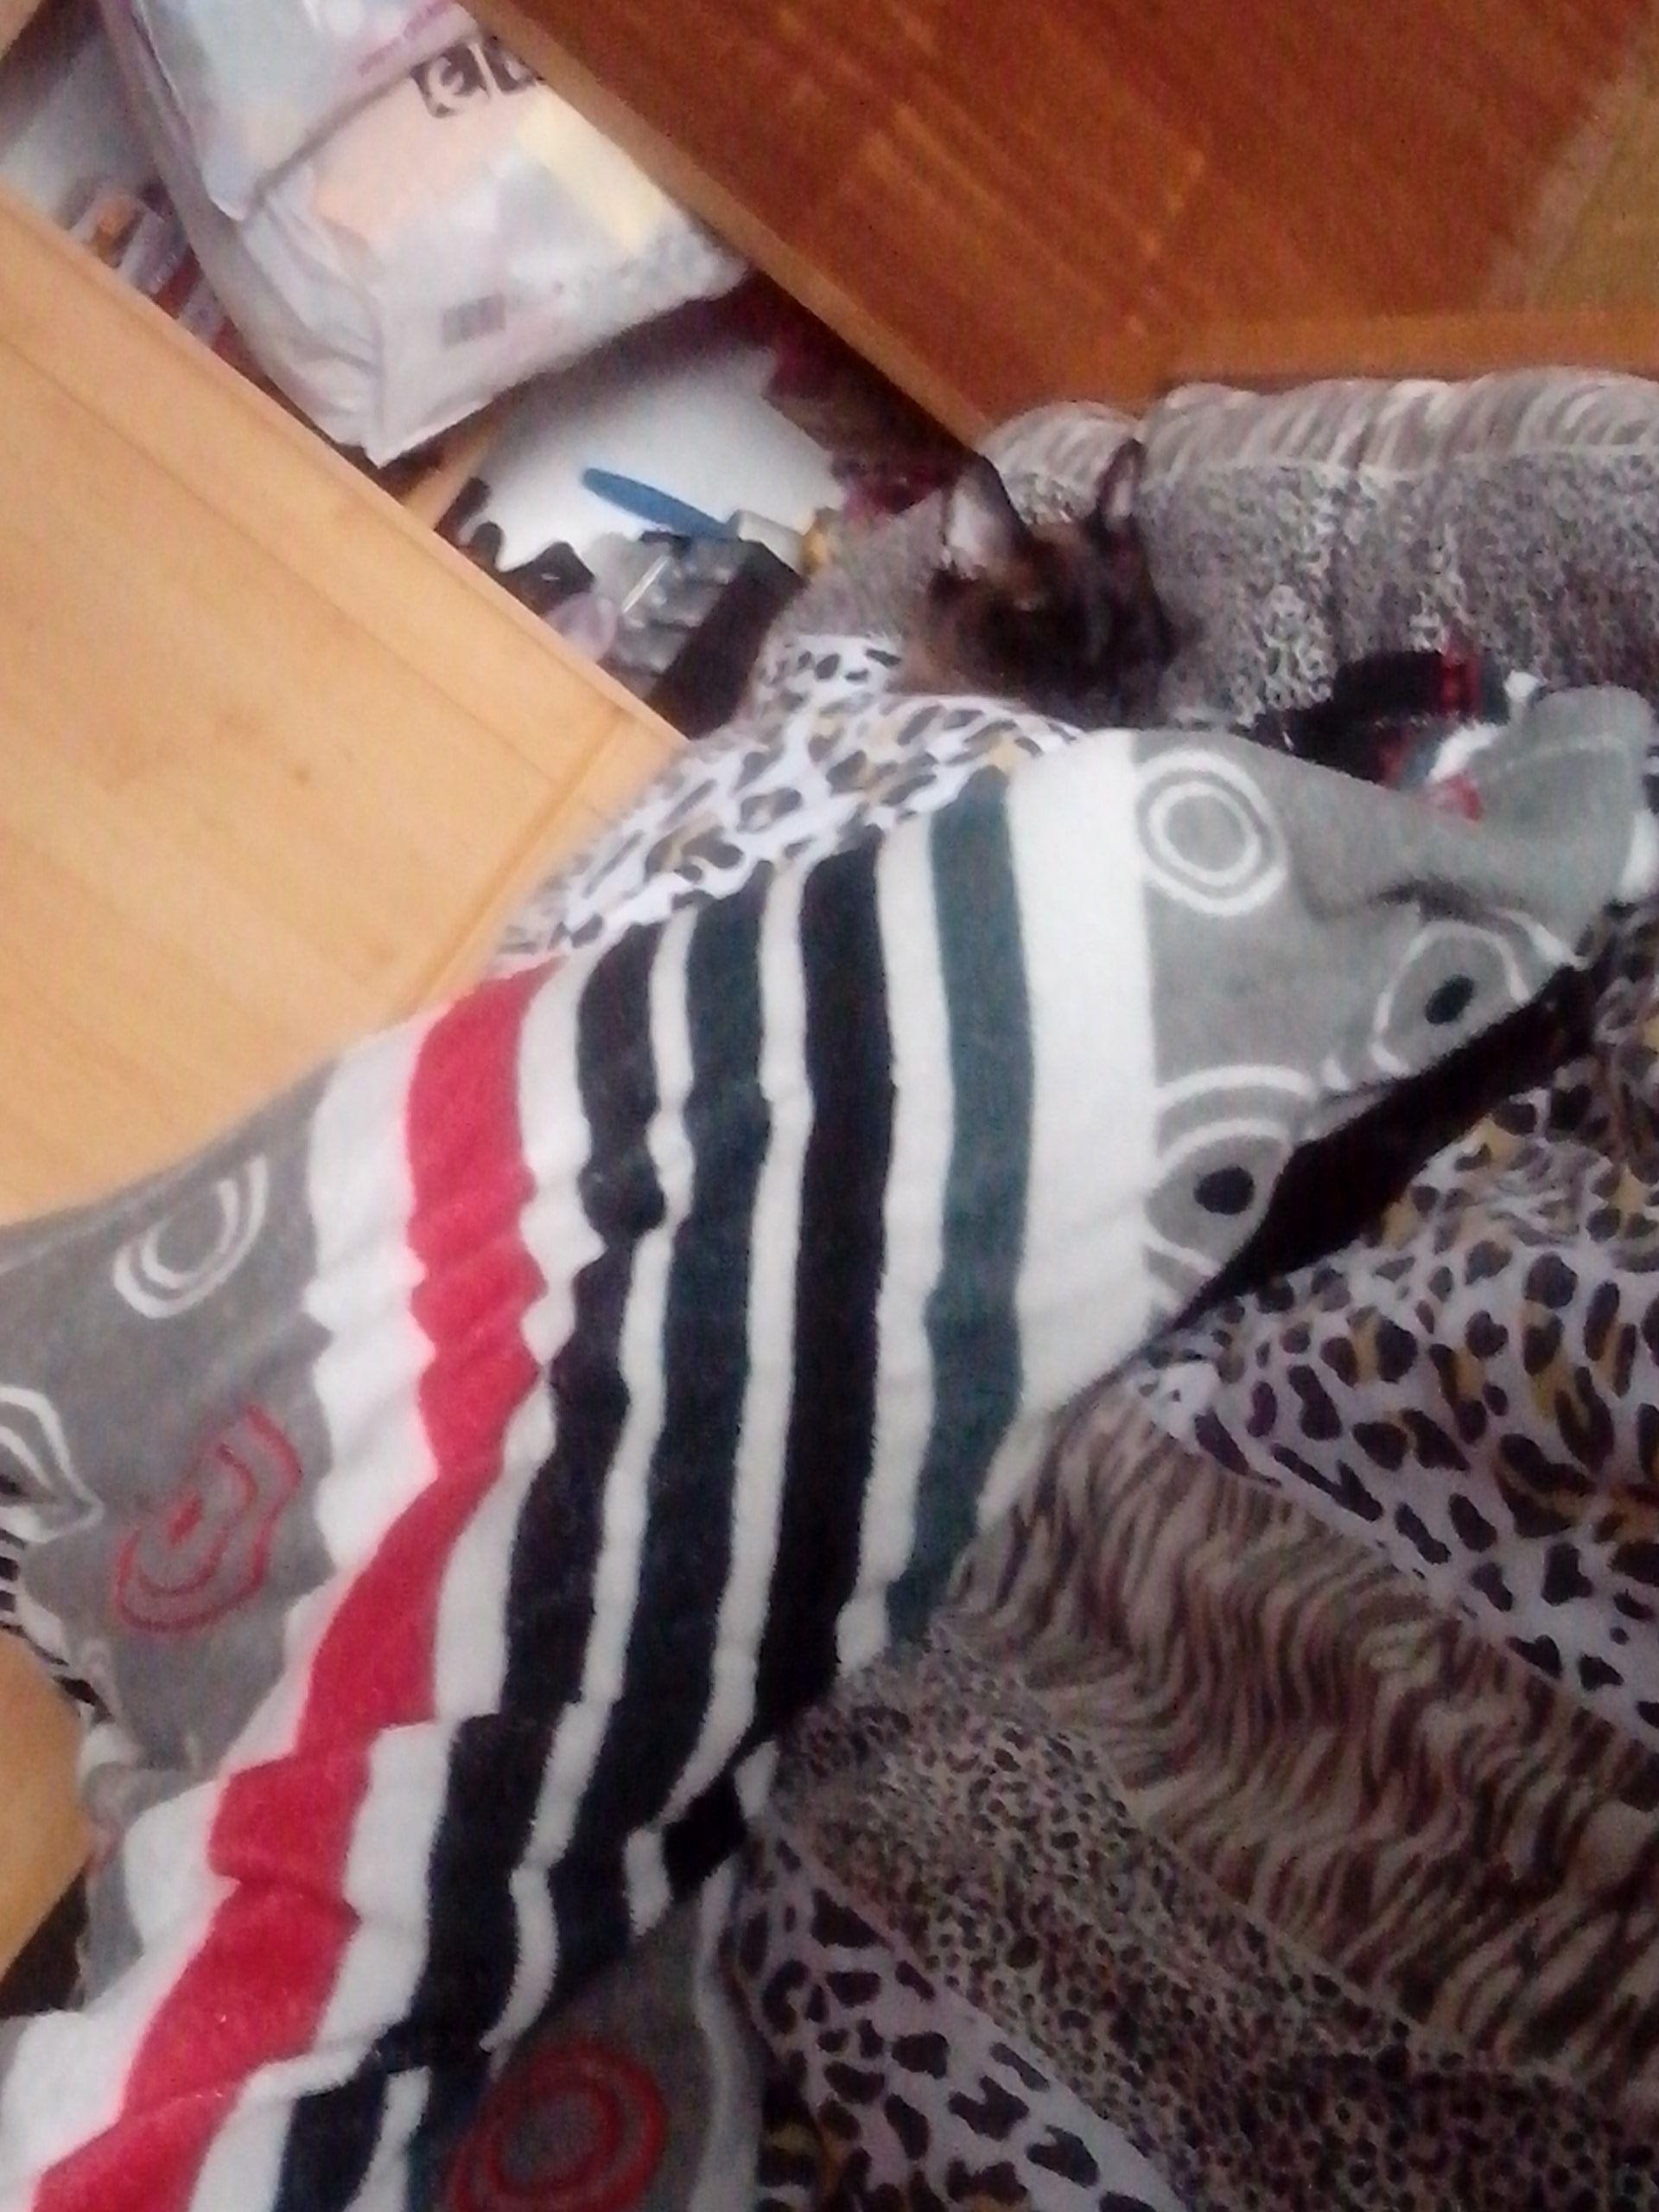 vuelvo de trabajar y me encuentro con que mi gatete me a quitado la cama xD